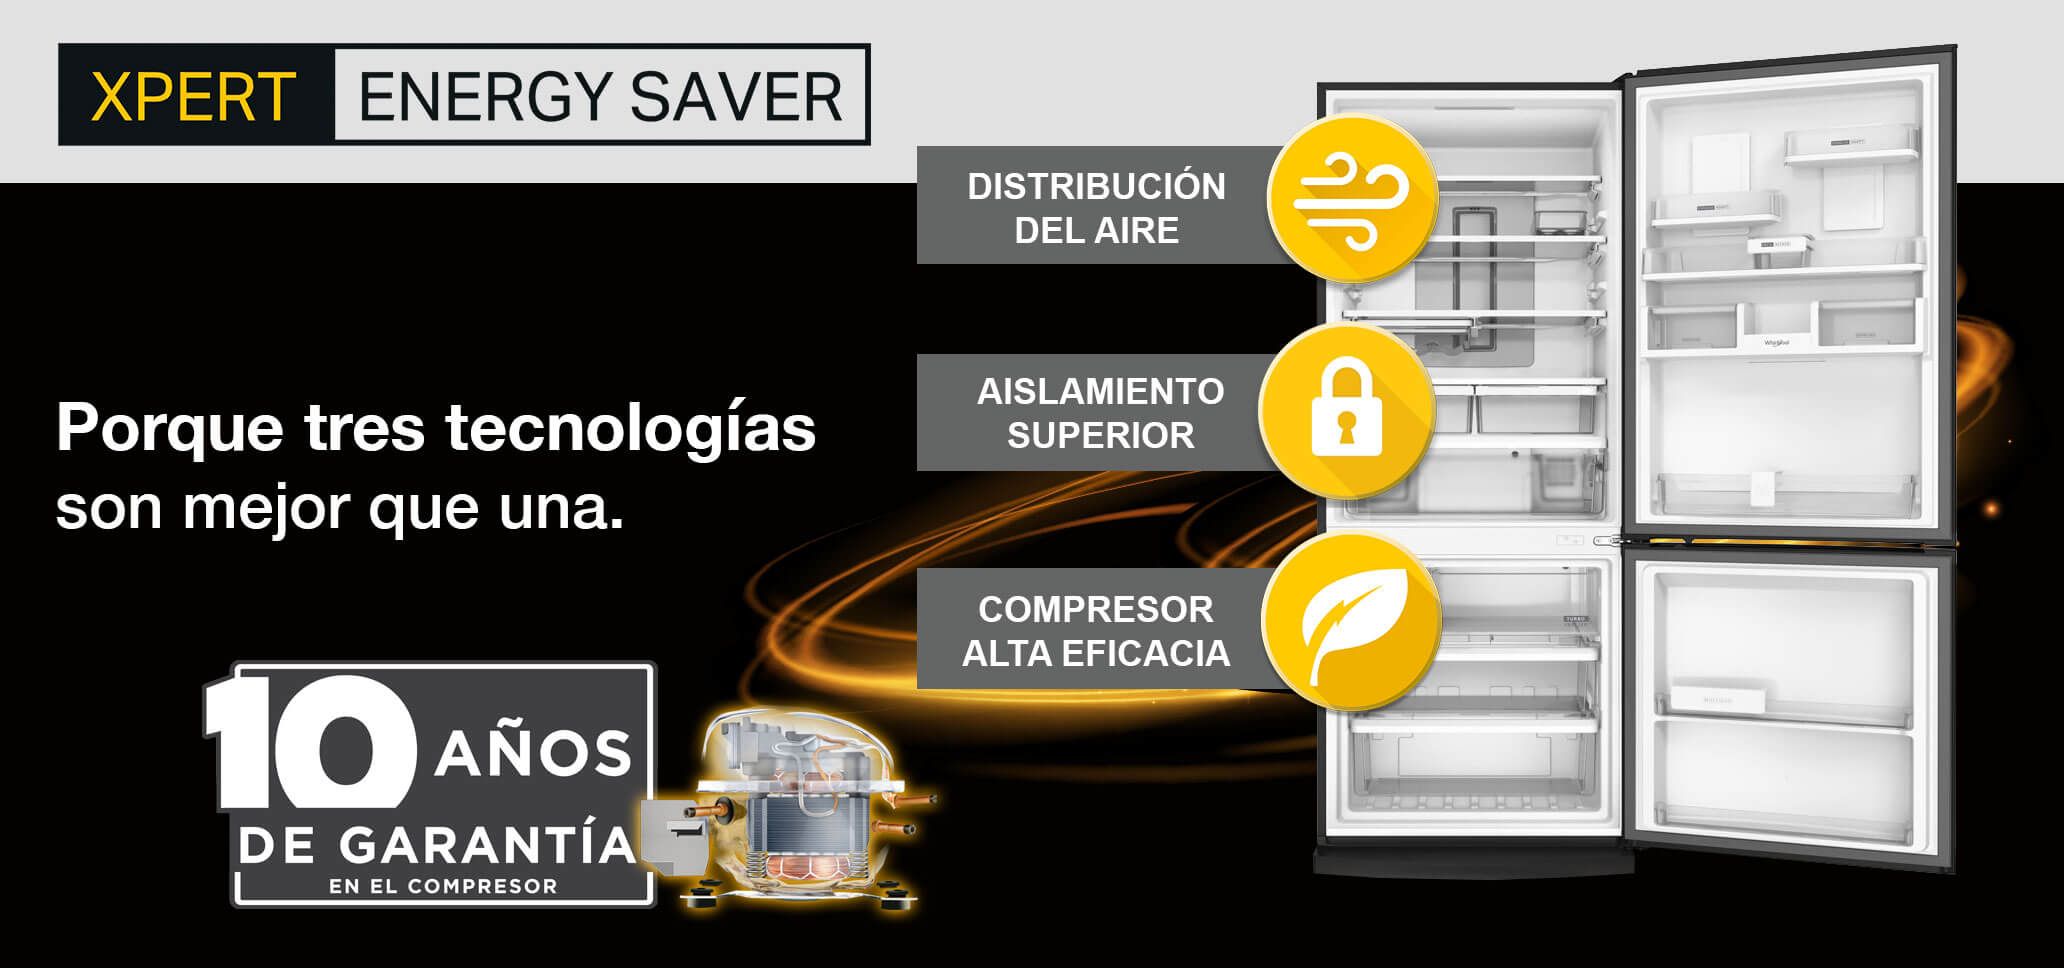 Tecnología Xpert Energy Saver de Whirlpool con tres tecnologías y 10 años de garantía en el compresosr.